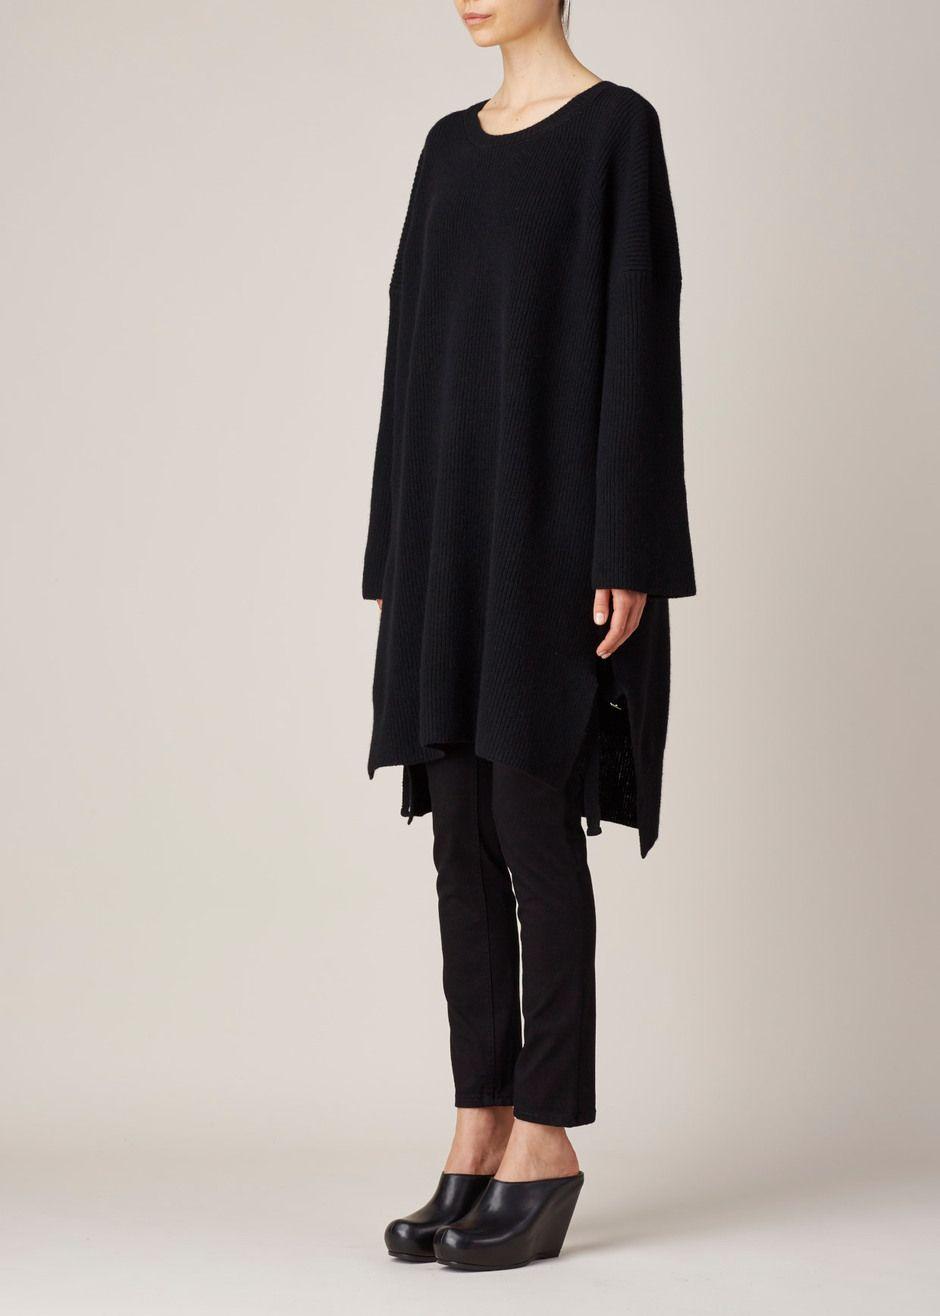 Y's by Yohji Yamamoto Super Long Boxy Knit